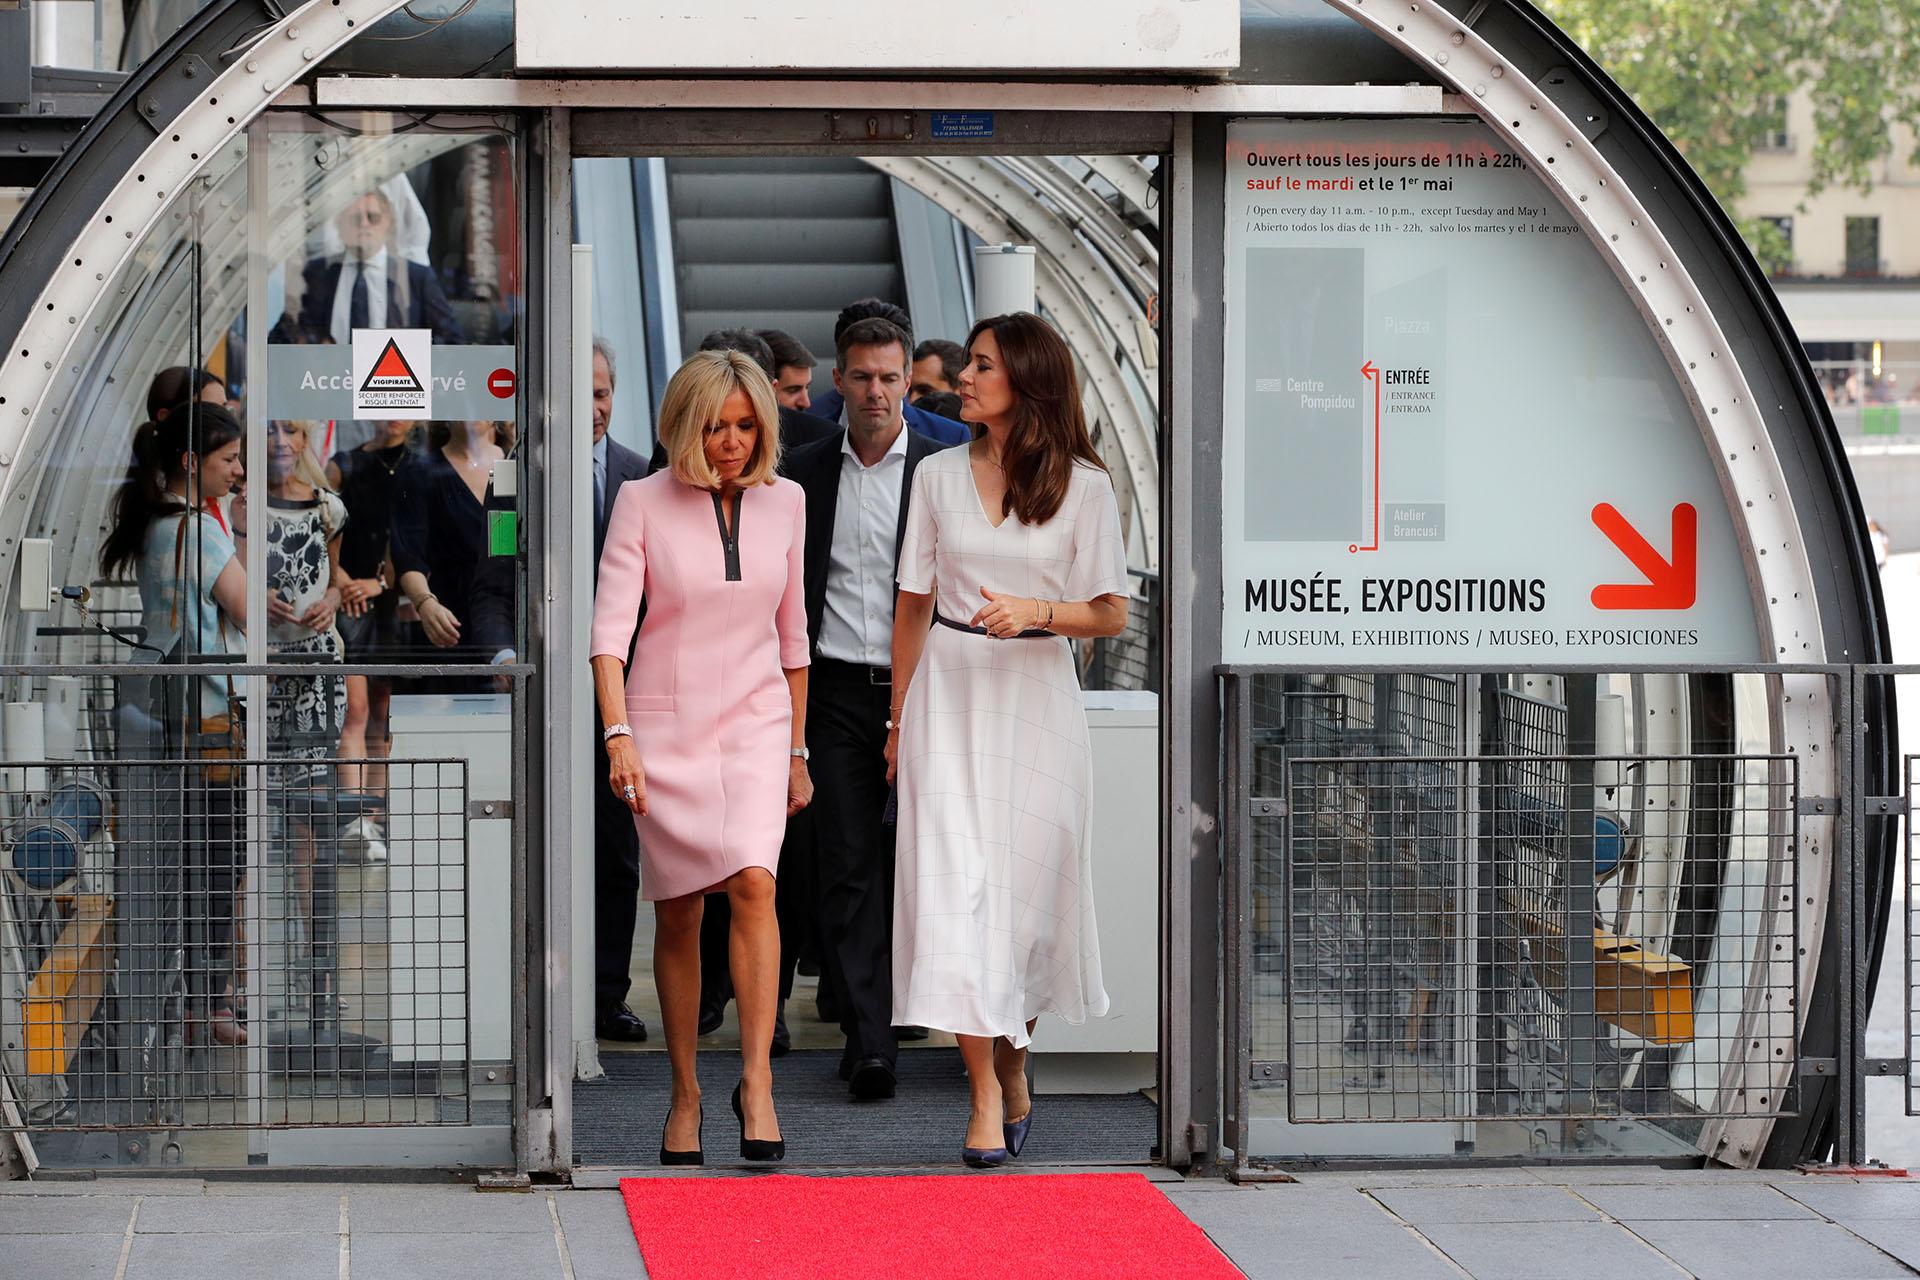 En el Centro Pompidou, disfrutaron de la exposición de la artista danesa, Sonja Ferlov